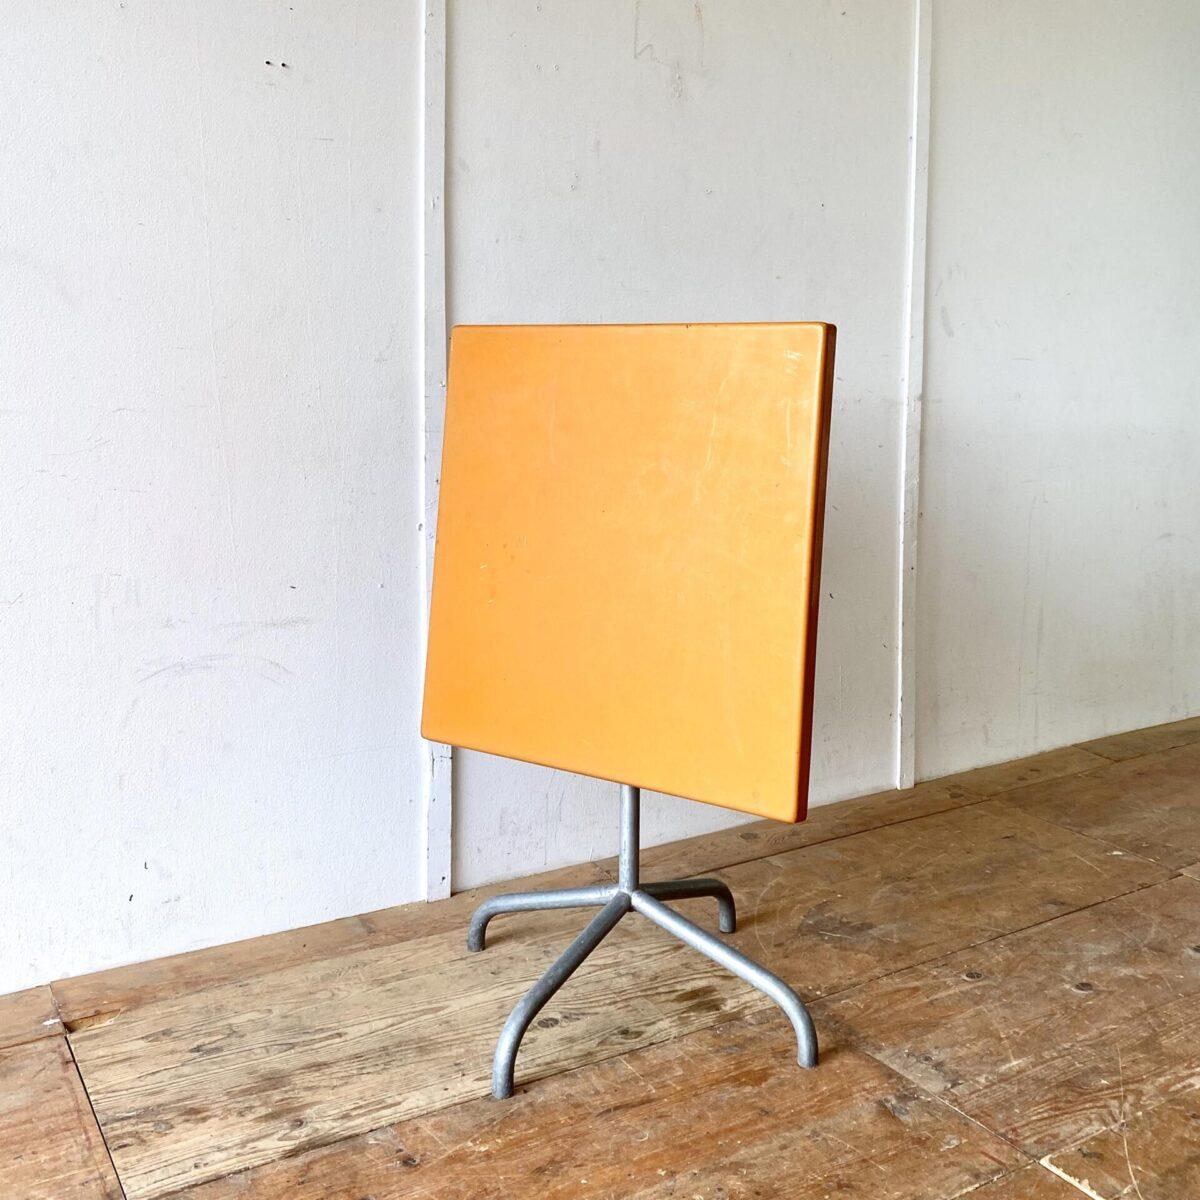 Vintage Gartentisch von Bättig. 70x70cm Höhe 70cm. Preis pro Tisch. Wetterbeständiger Klapptisch mit Fieberglas Tischplatte. Der Metallfuss ist feuerverzinkt. Die Orange Farbe ist etwas Sonnenverbleicht, ebenfalls hat es kleinere hicke und Schrammen. Polyester ist aber ein sehr langlebiges Material welches auch gut frisch lackiert oder in der gewünschten Farbe angemalt werden kann.